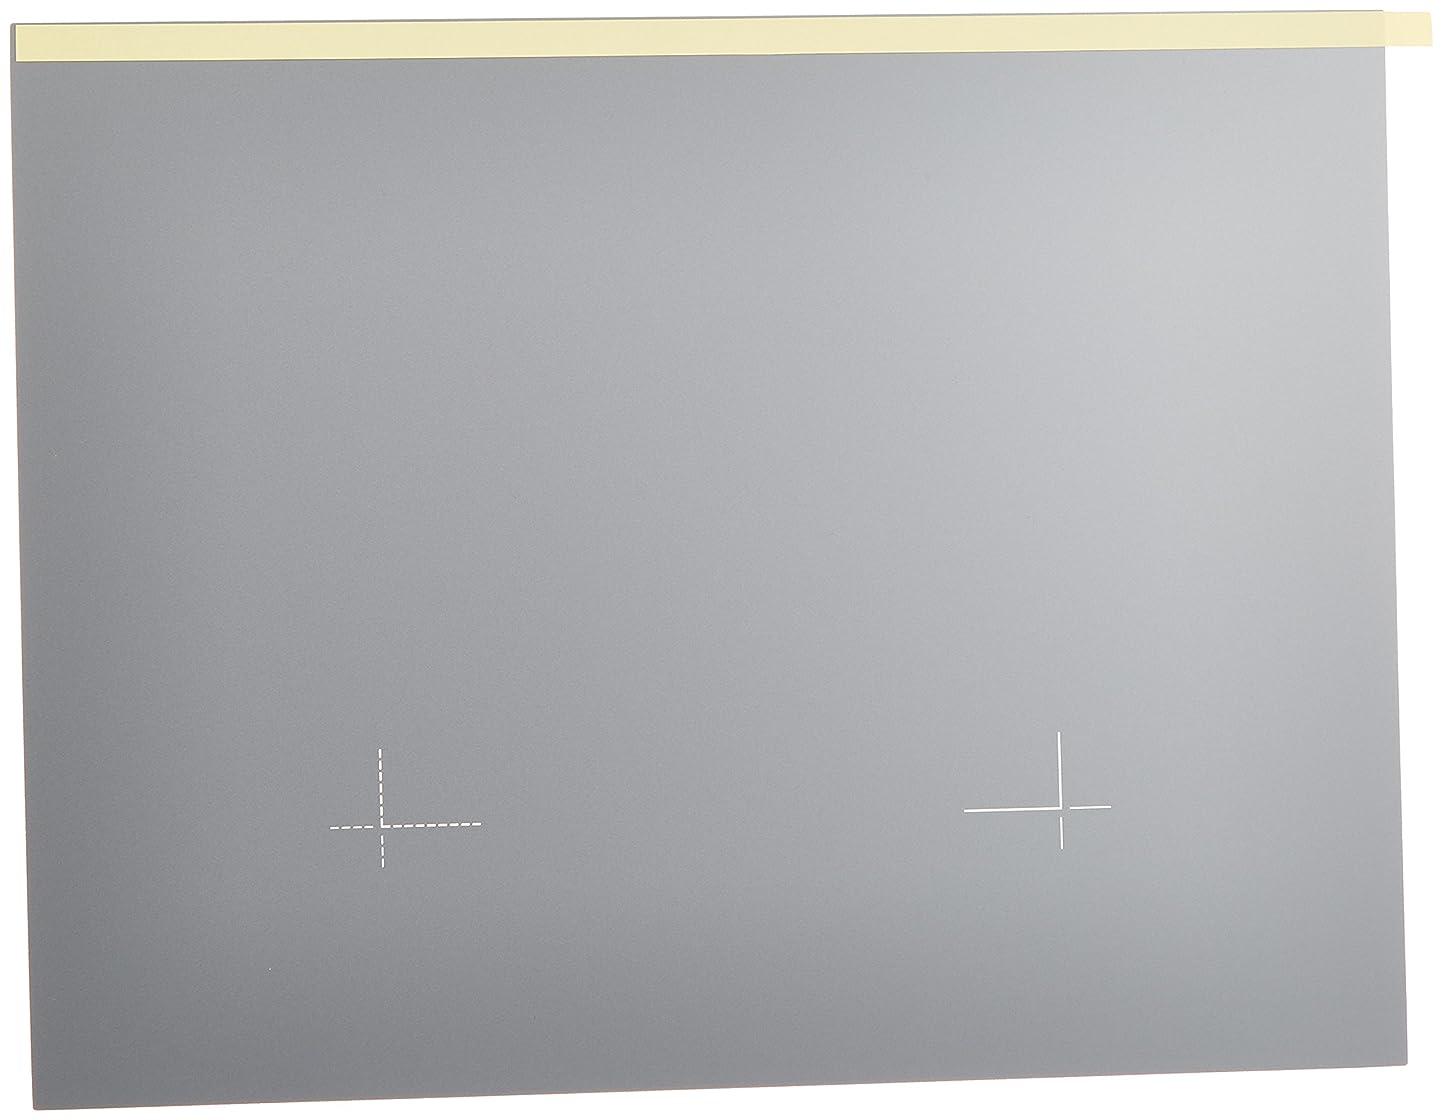 組み込む贅沢カスタムDell TP713 Wireless Touchpad by Dell Computers [並行輸入品]